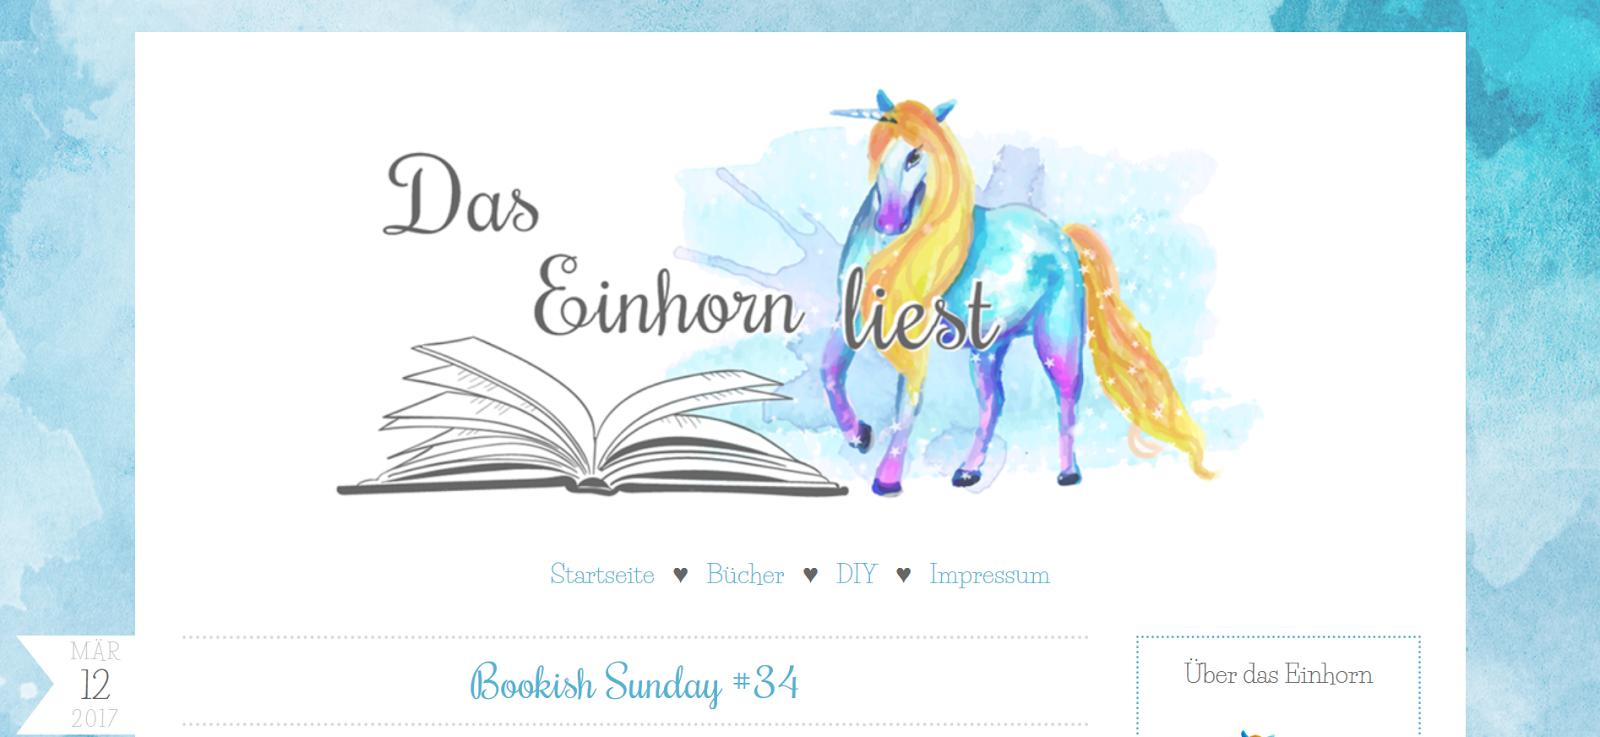 http://daseinhornliest.blogspot.de/